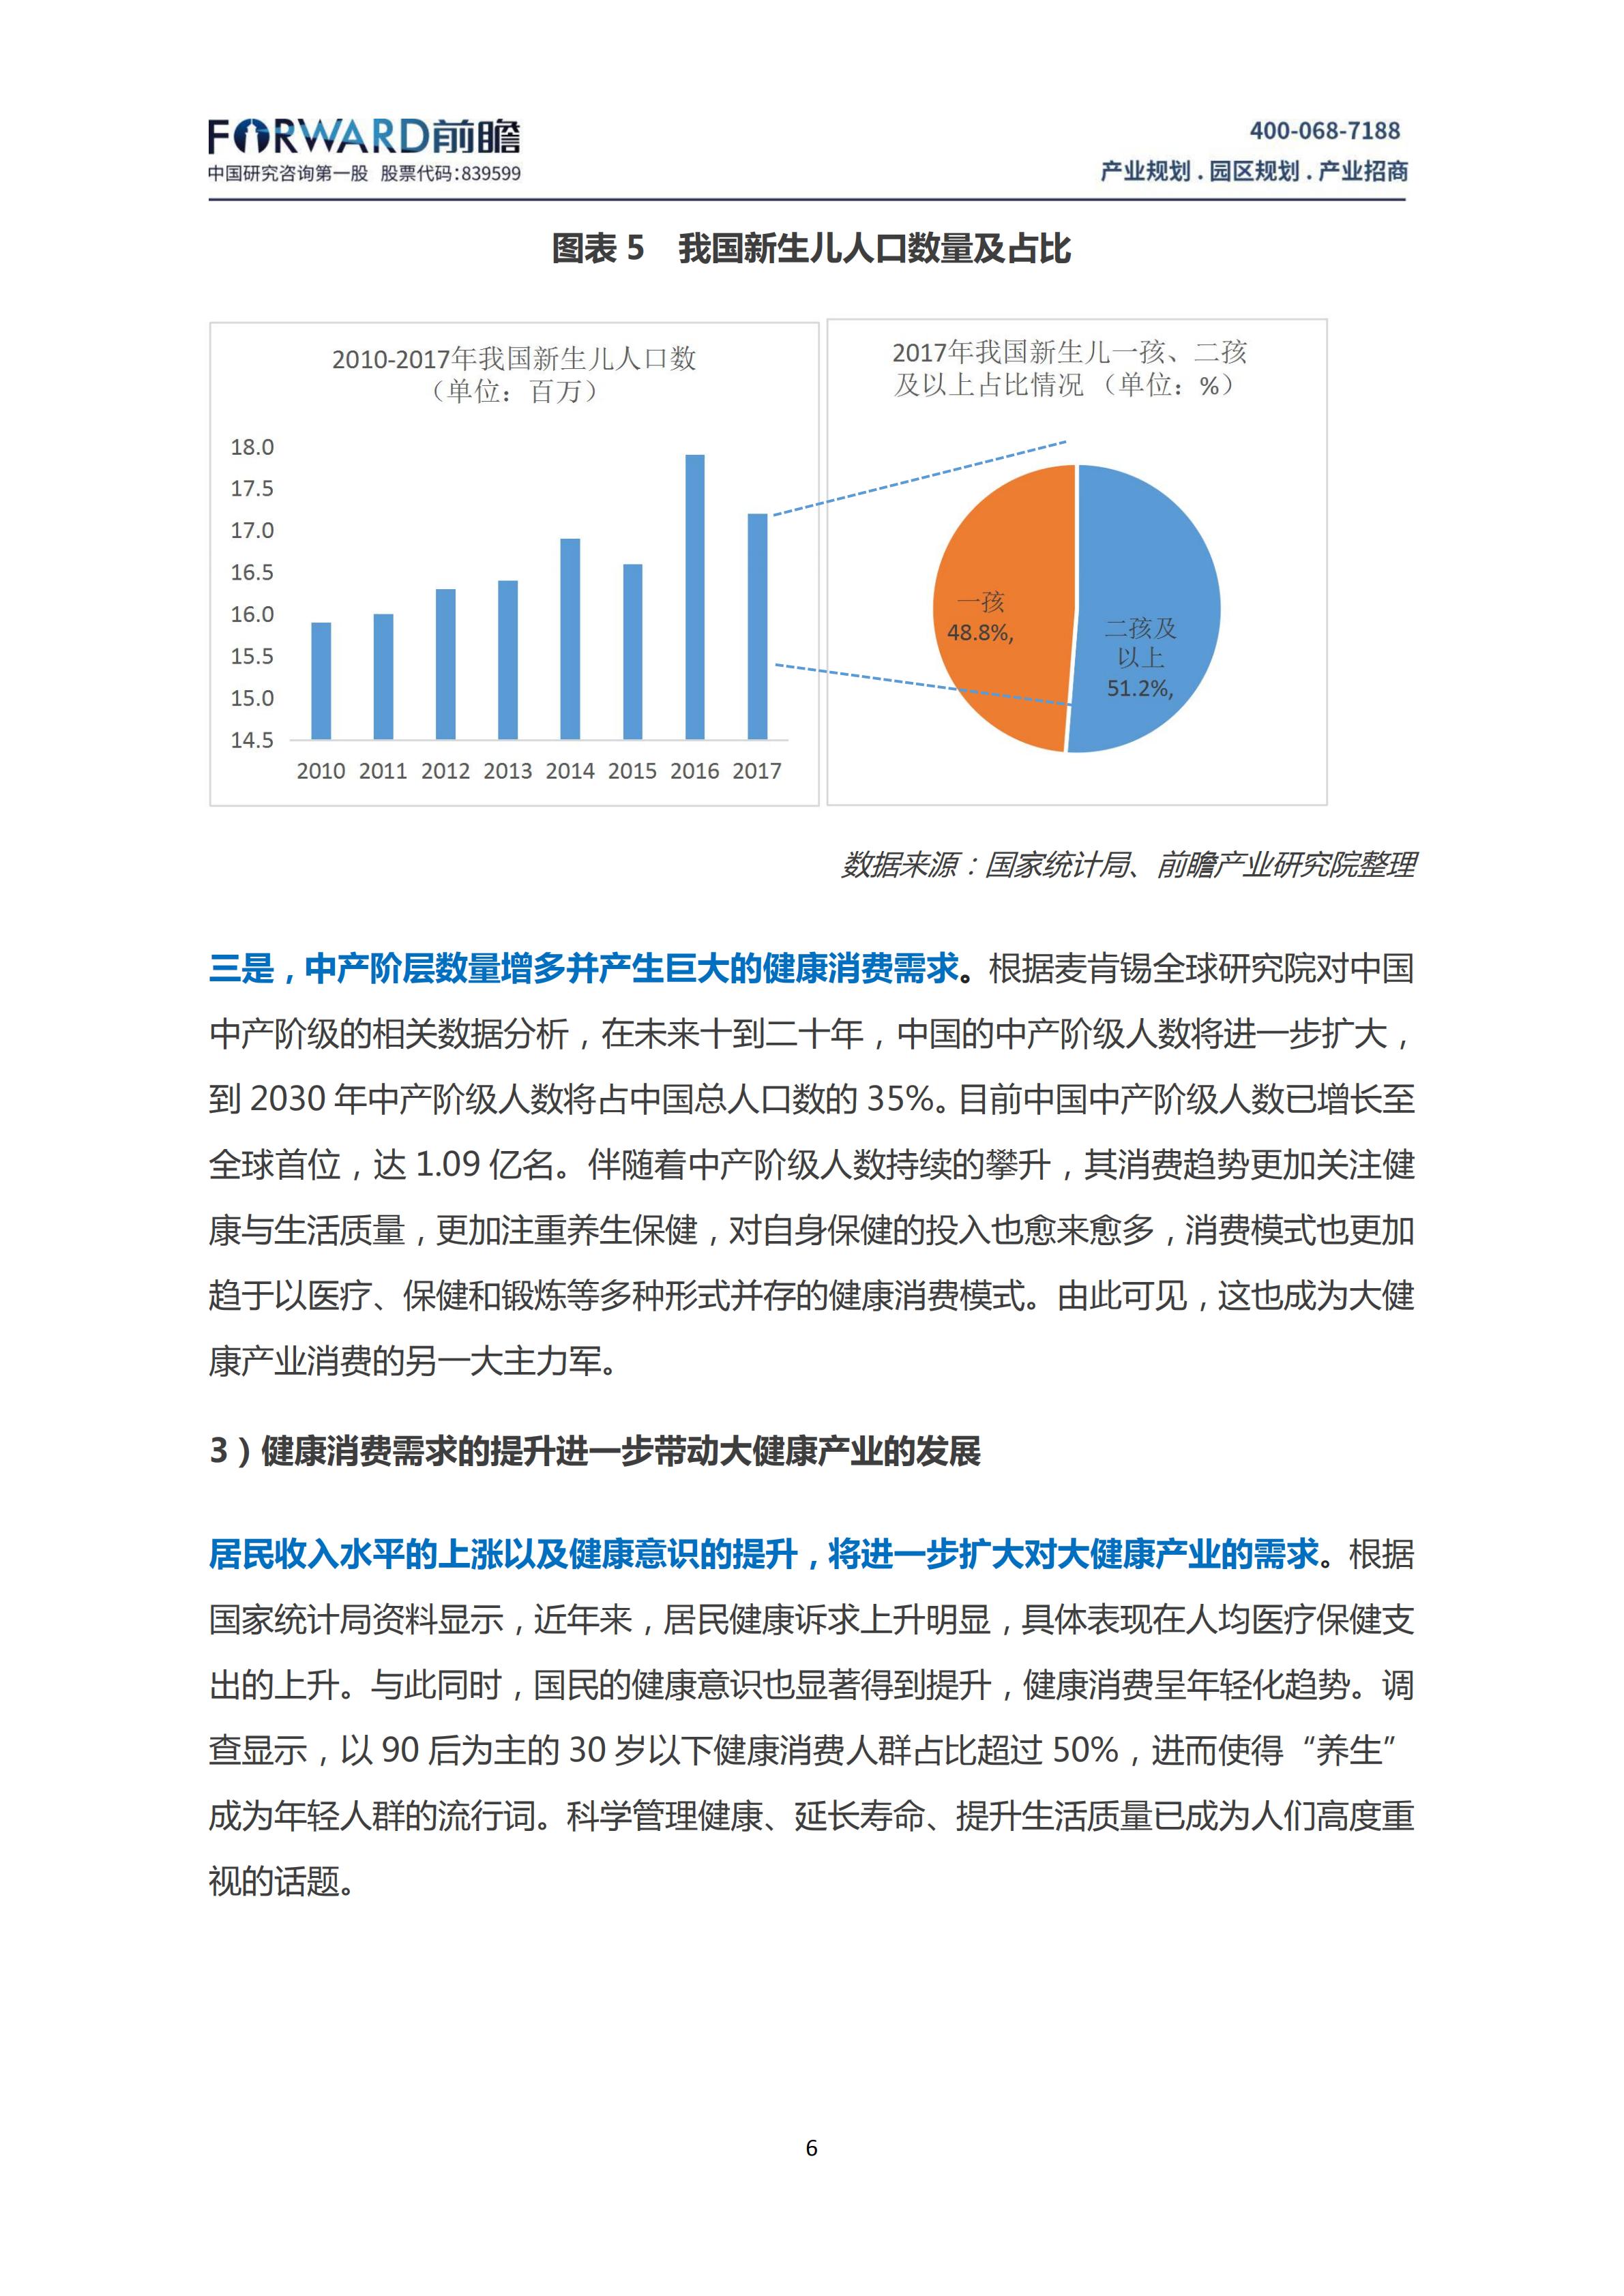 中国大健康产业发展现状及趋势分析_07.png